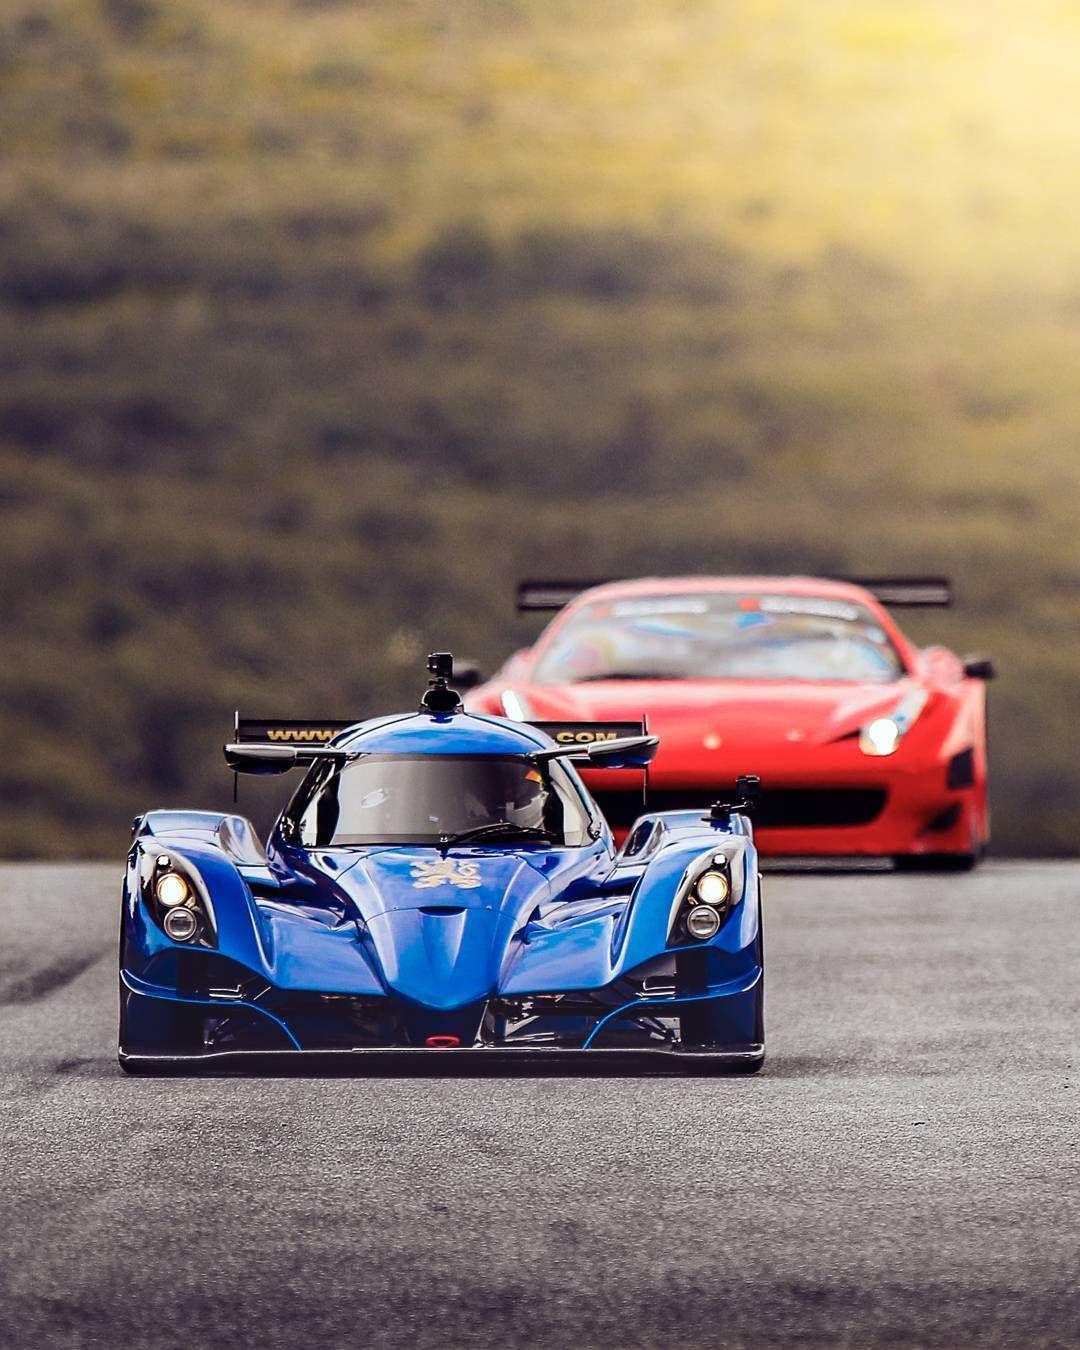 Praga R1R - a road legal race car